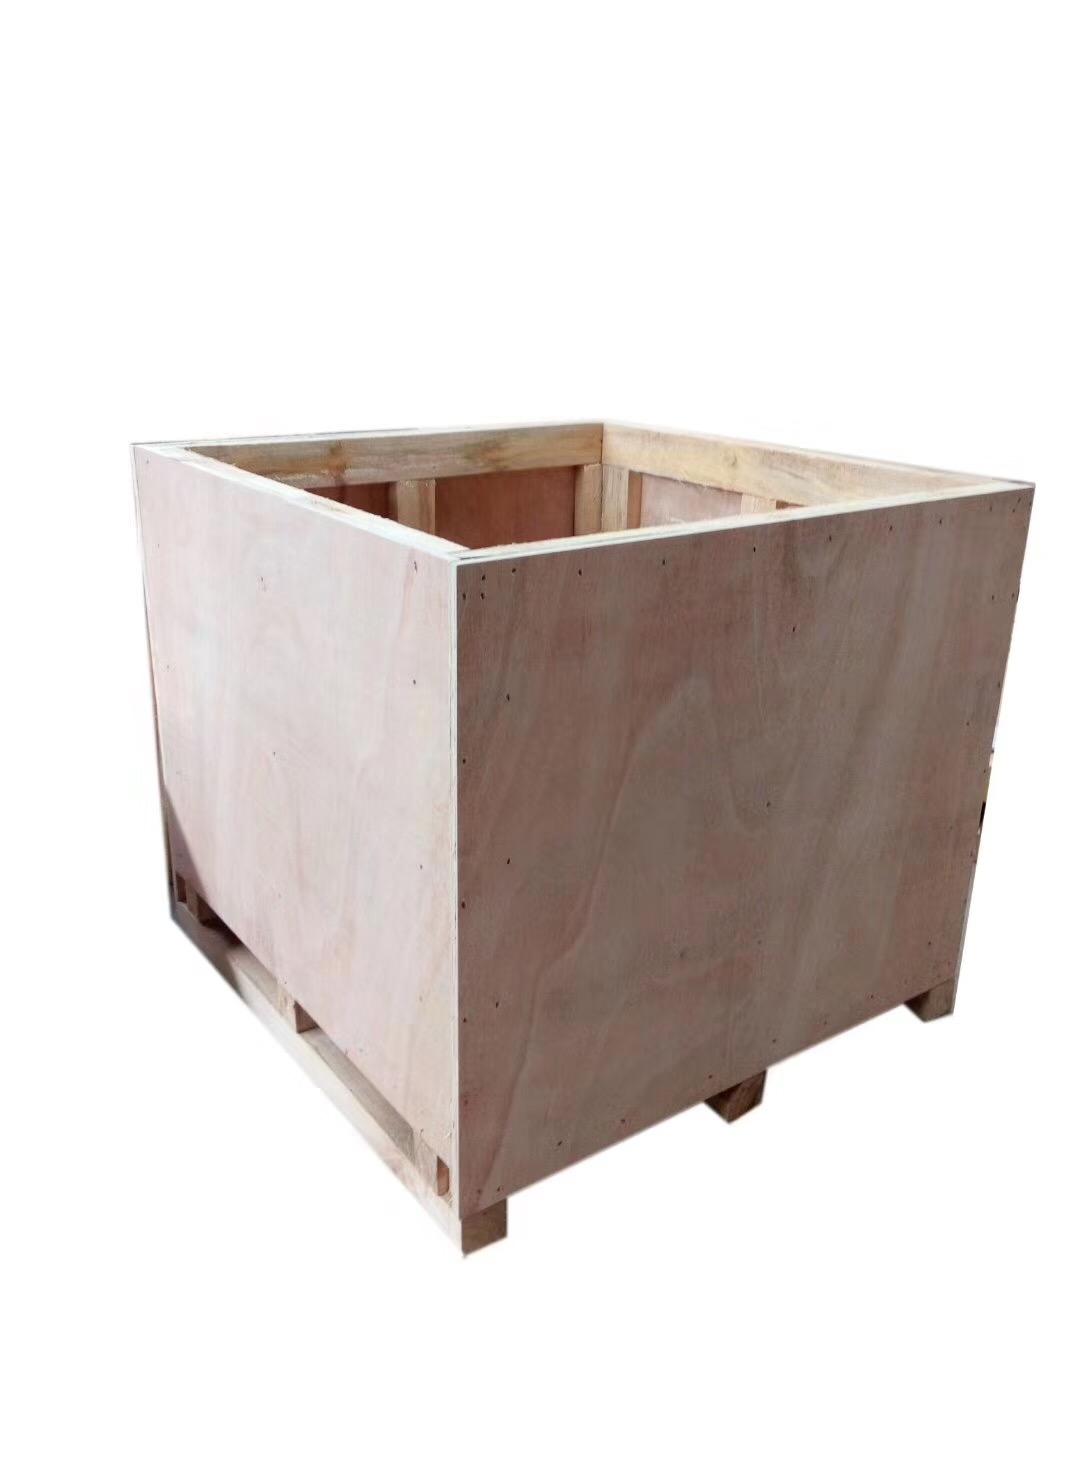 东省佛山市租赁夹板箱私人订制木箱